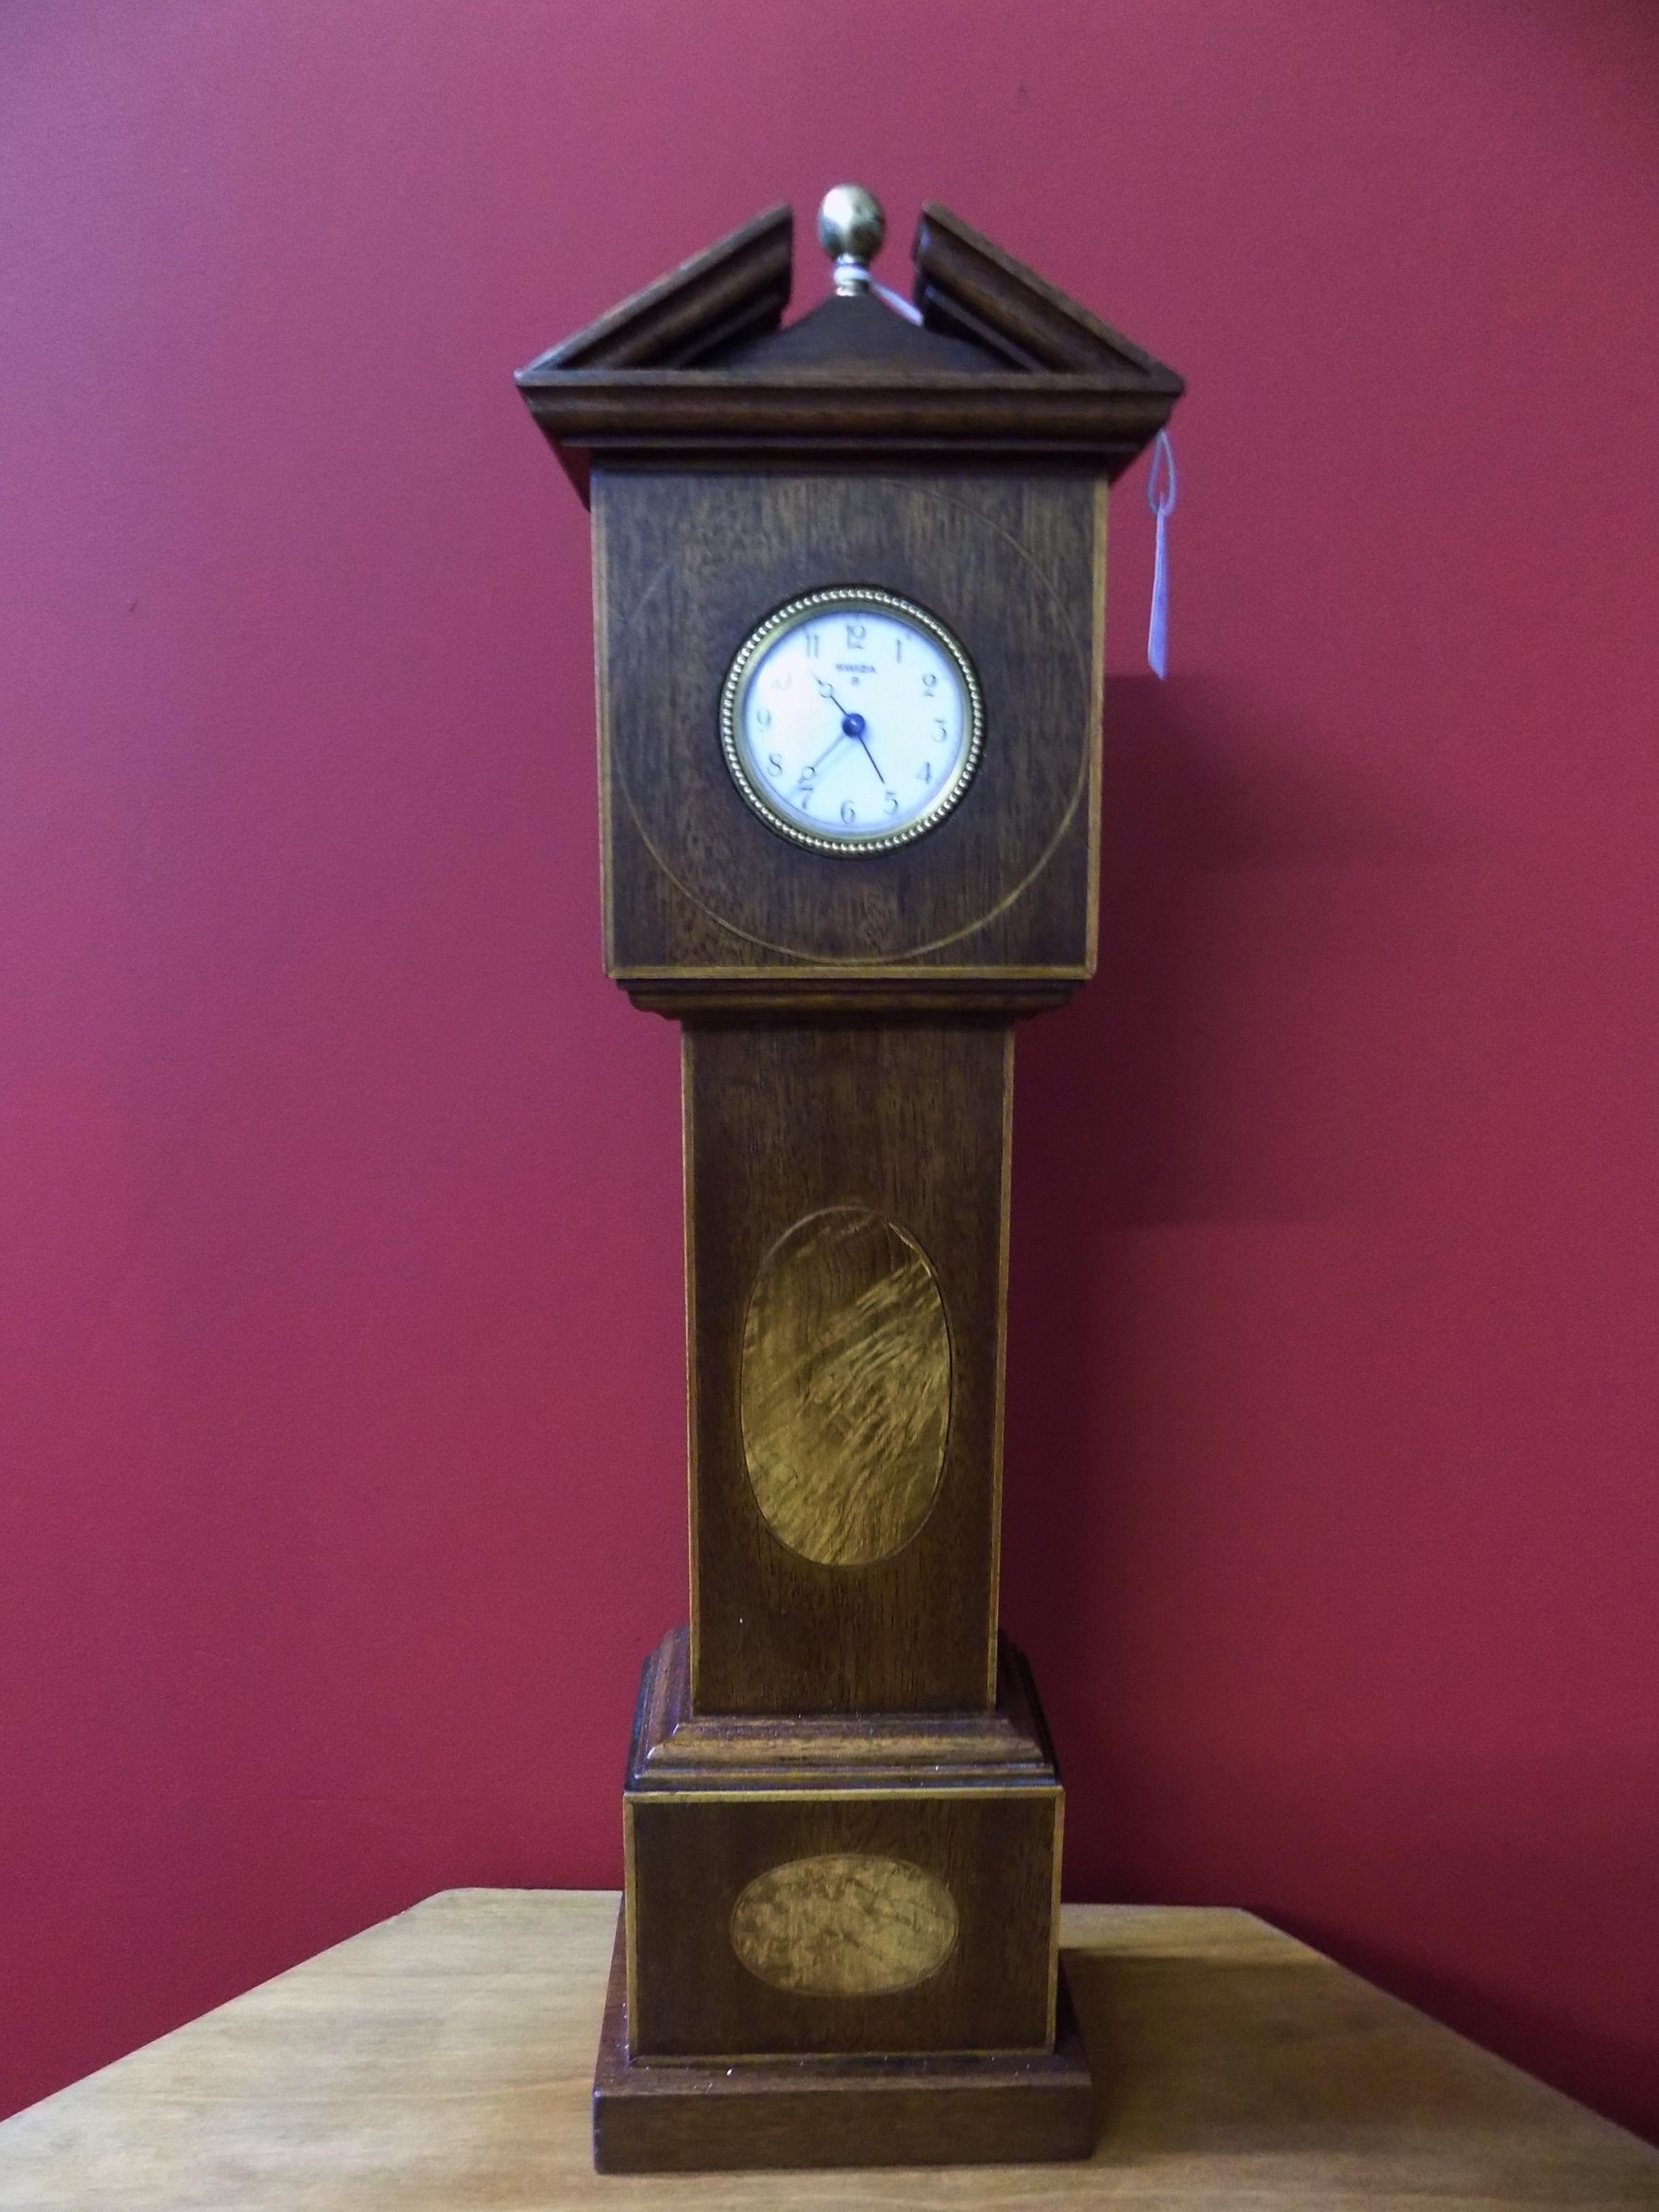 A miniture mahogany Grandfather clock £90.00